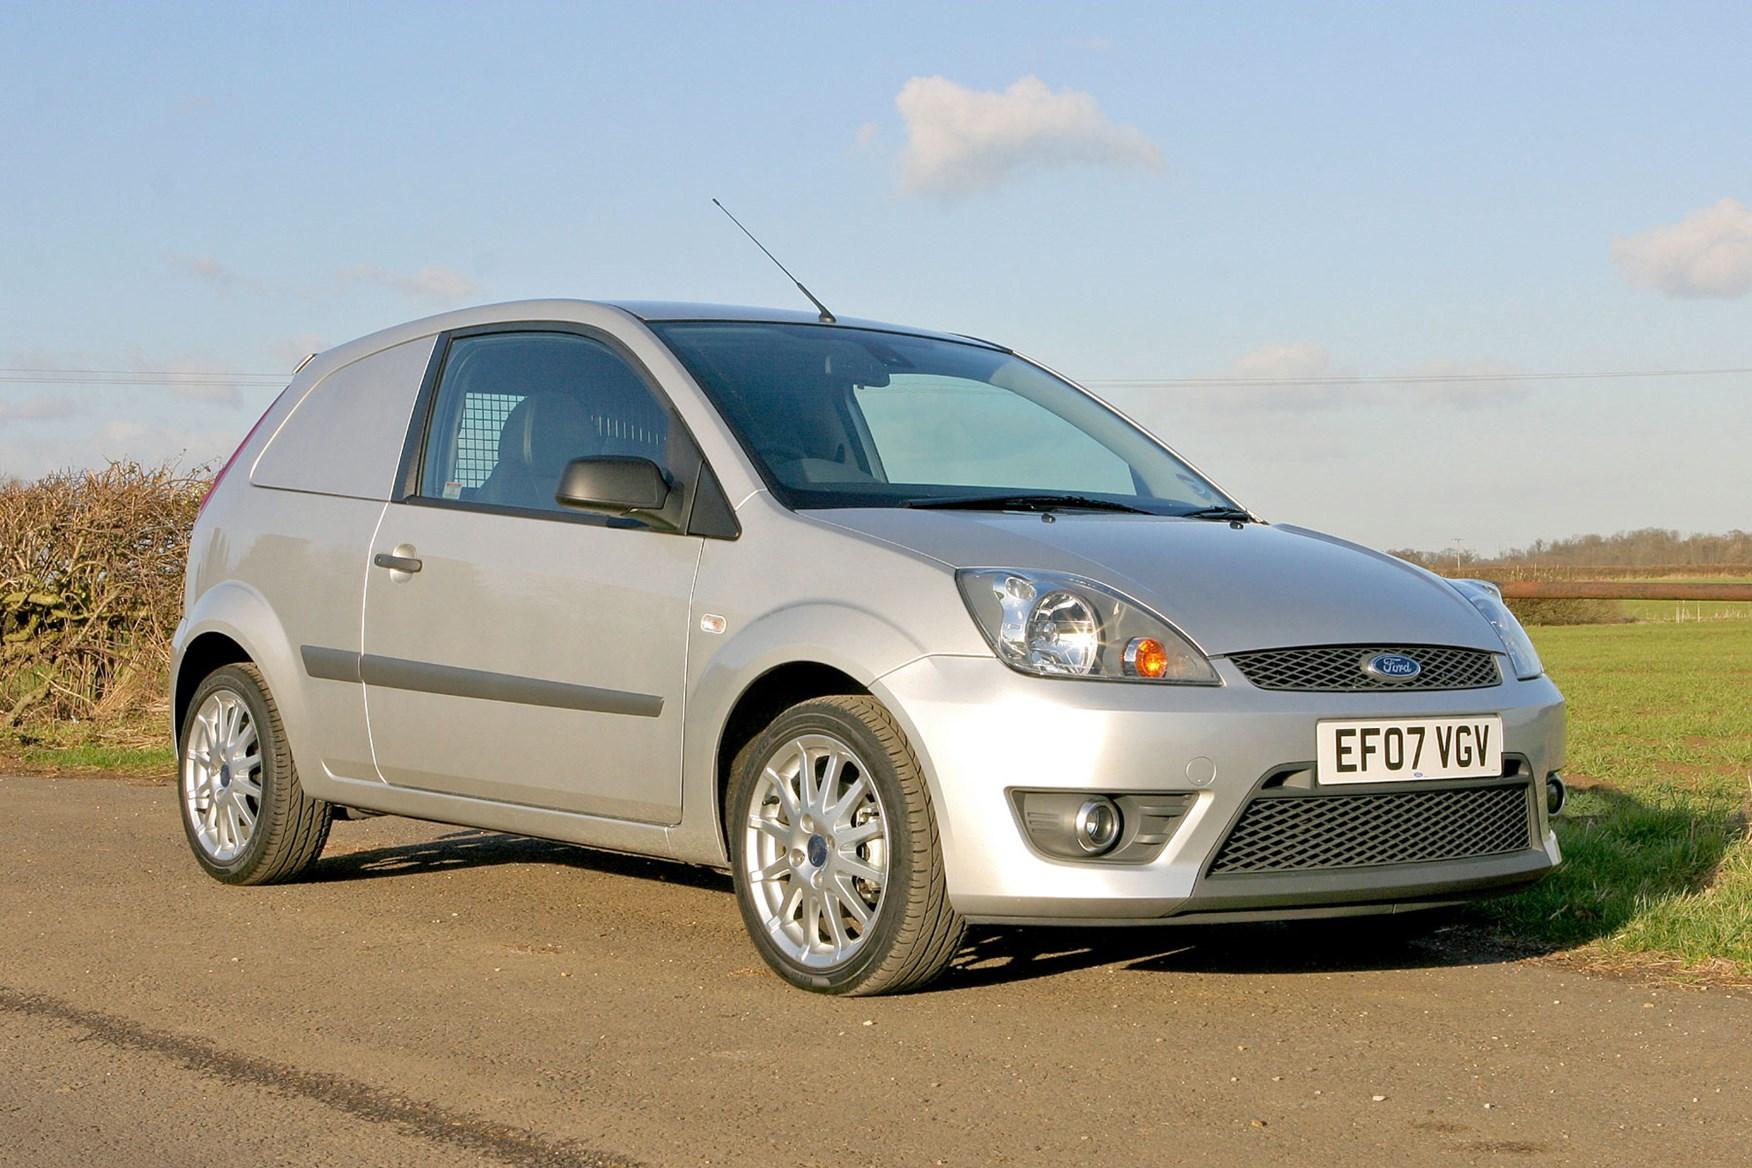 Ford Fiesta Van (2003-2009) driving experience